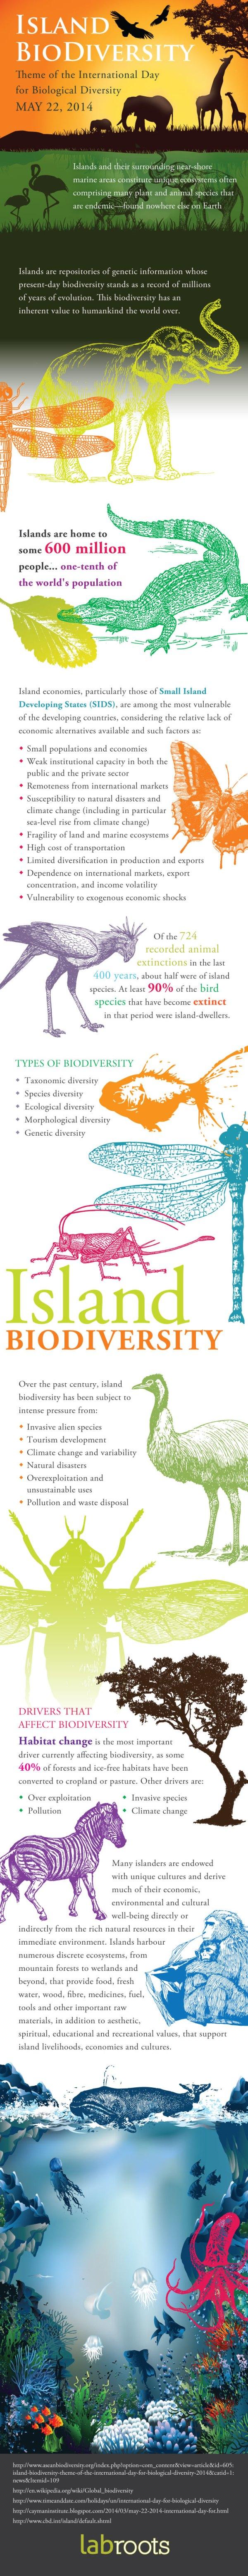 BioDiversity-infographic